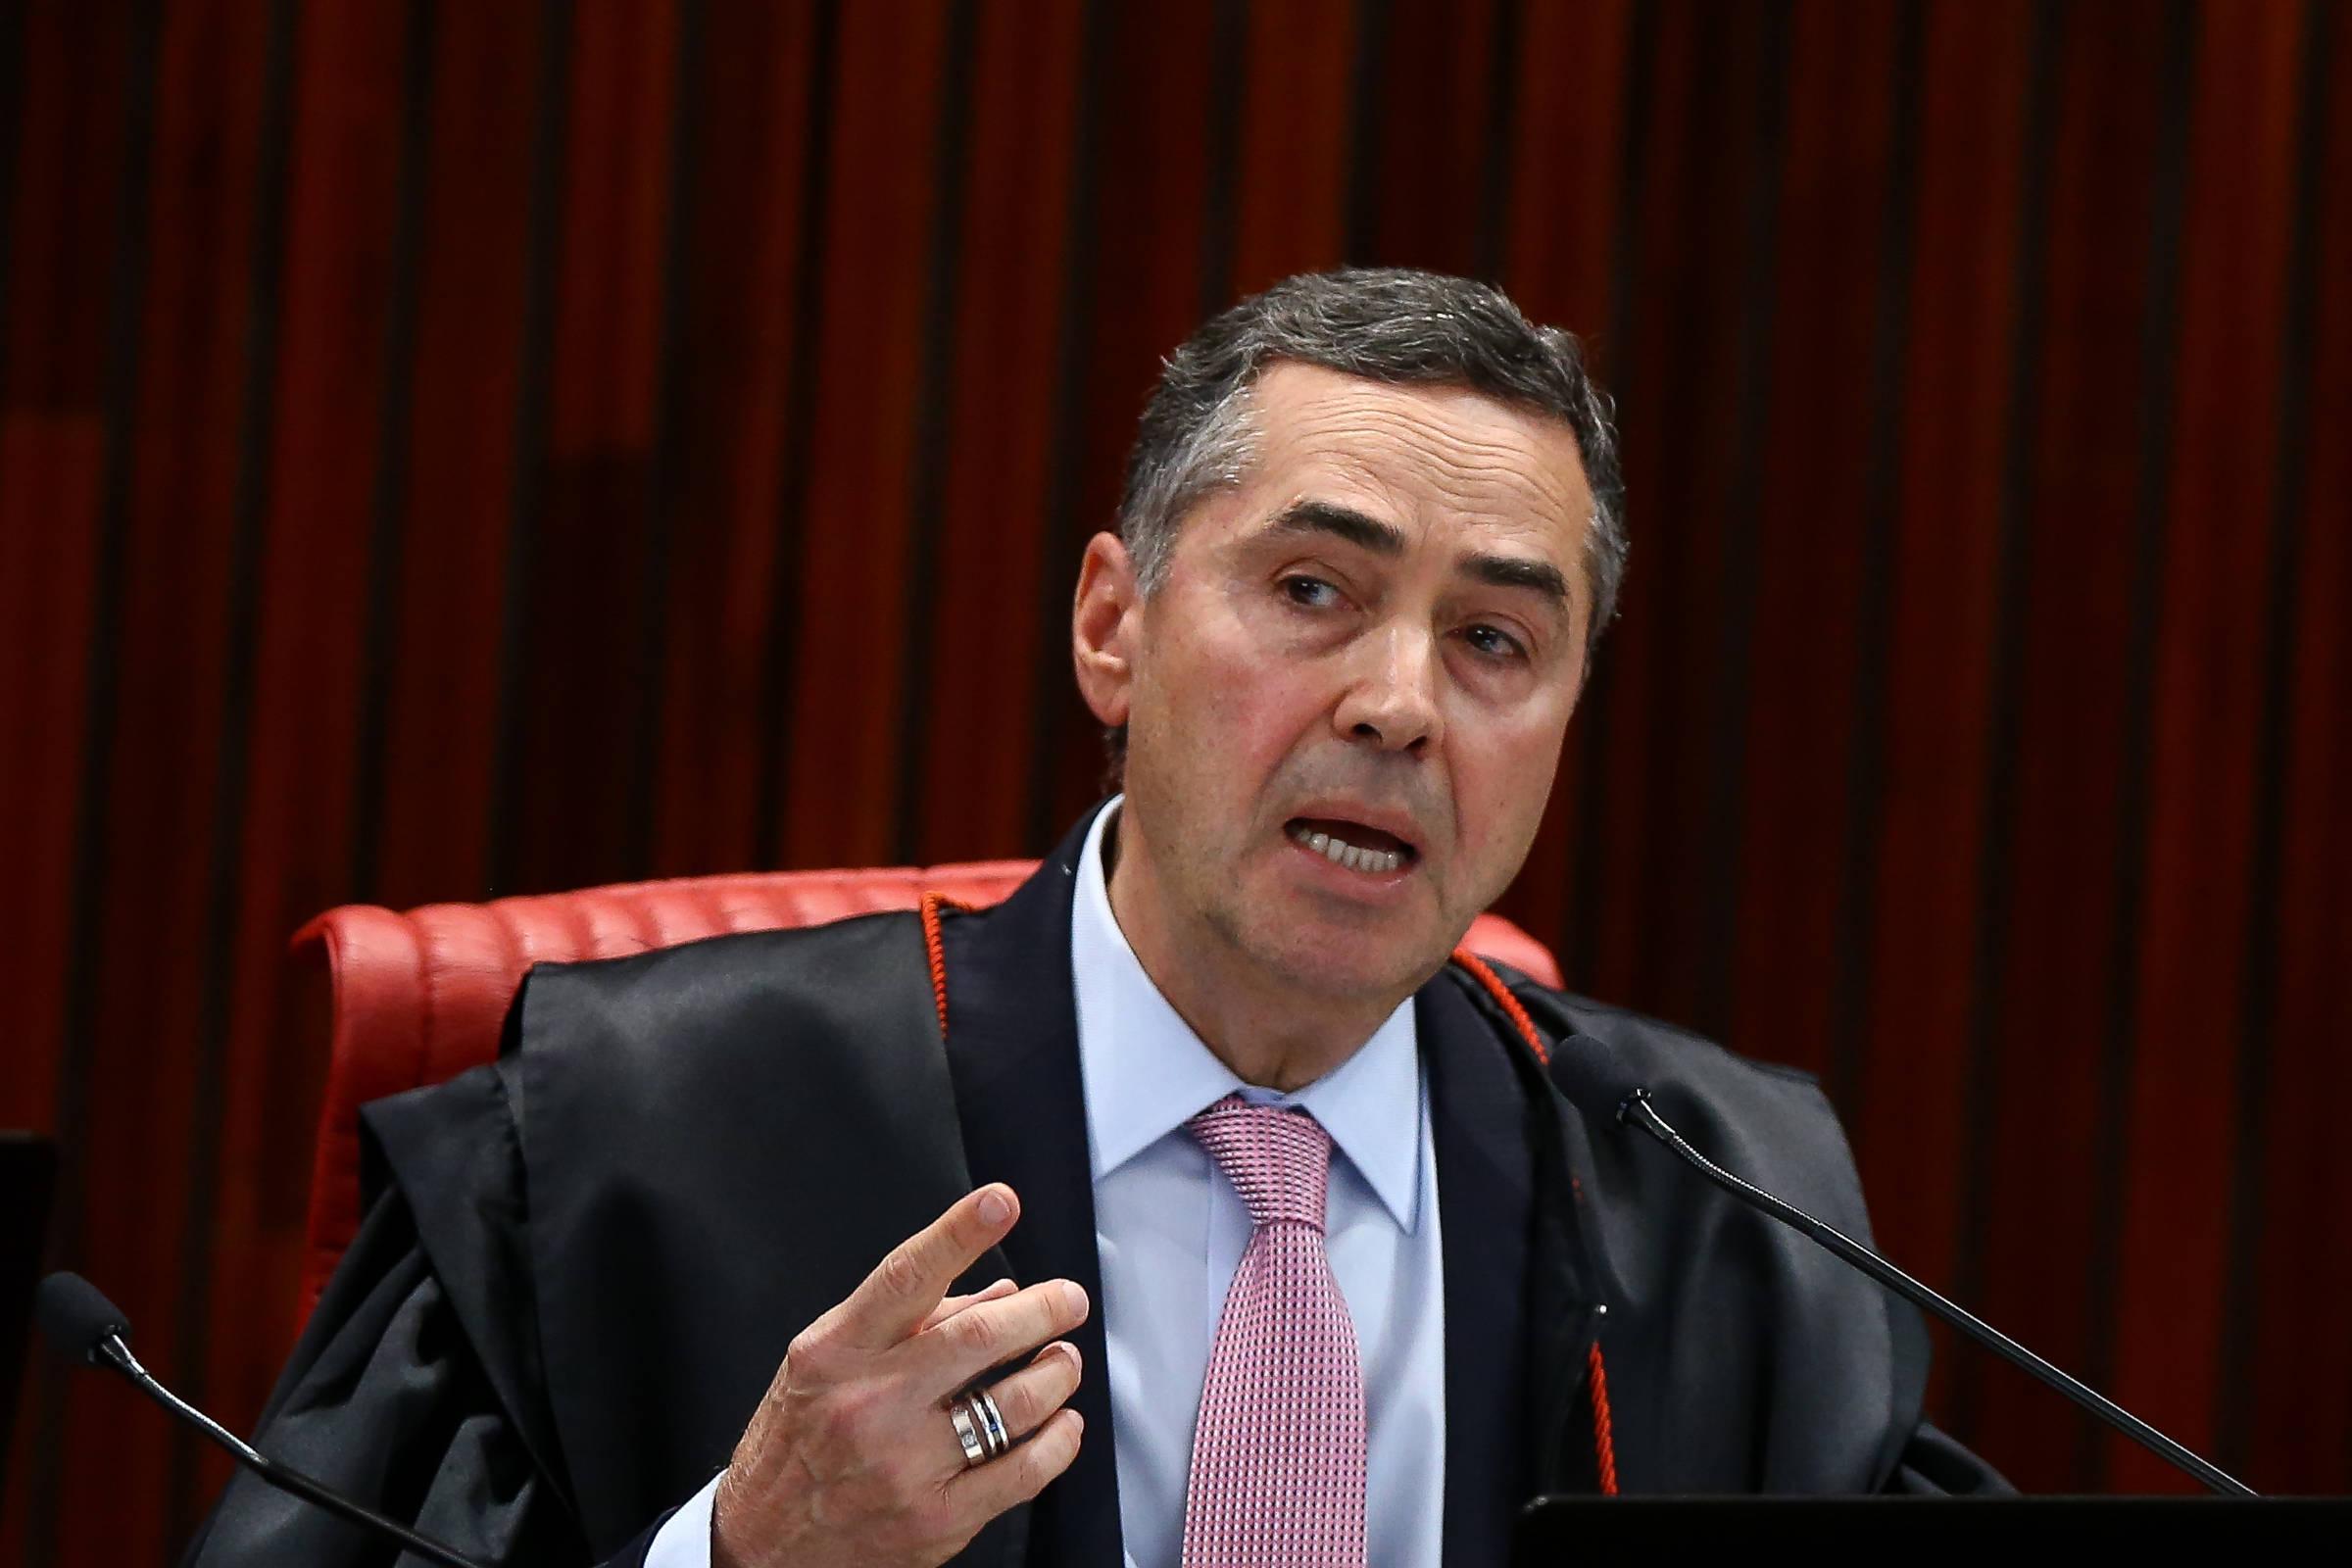 Barroso vota que o representante de Bolsonar não bloqueia atos que enfrentam normas de pandemia - 20.05.2020. - Poder